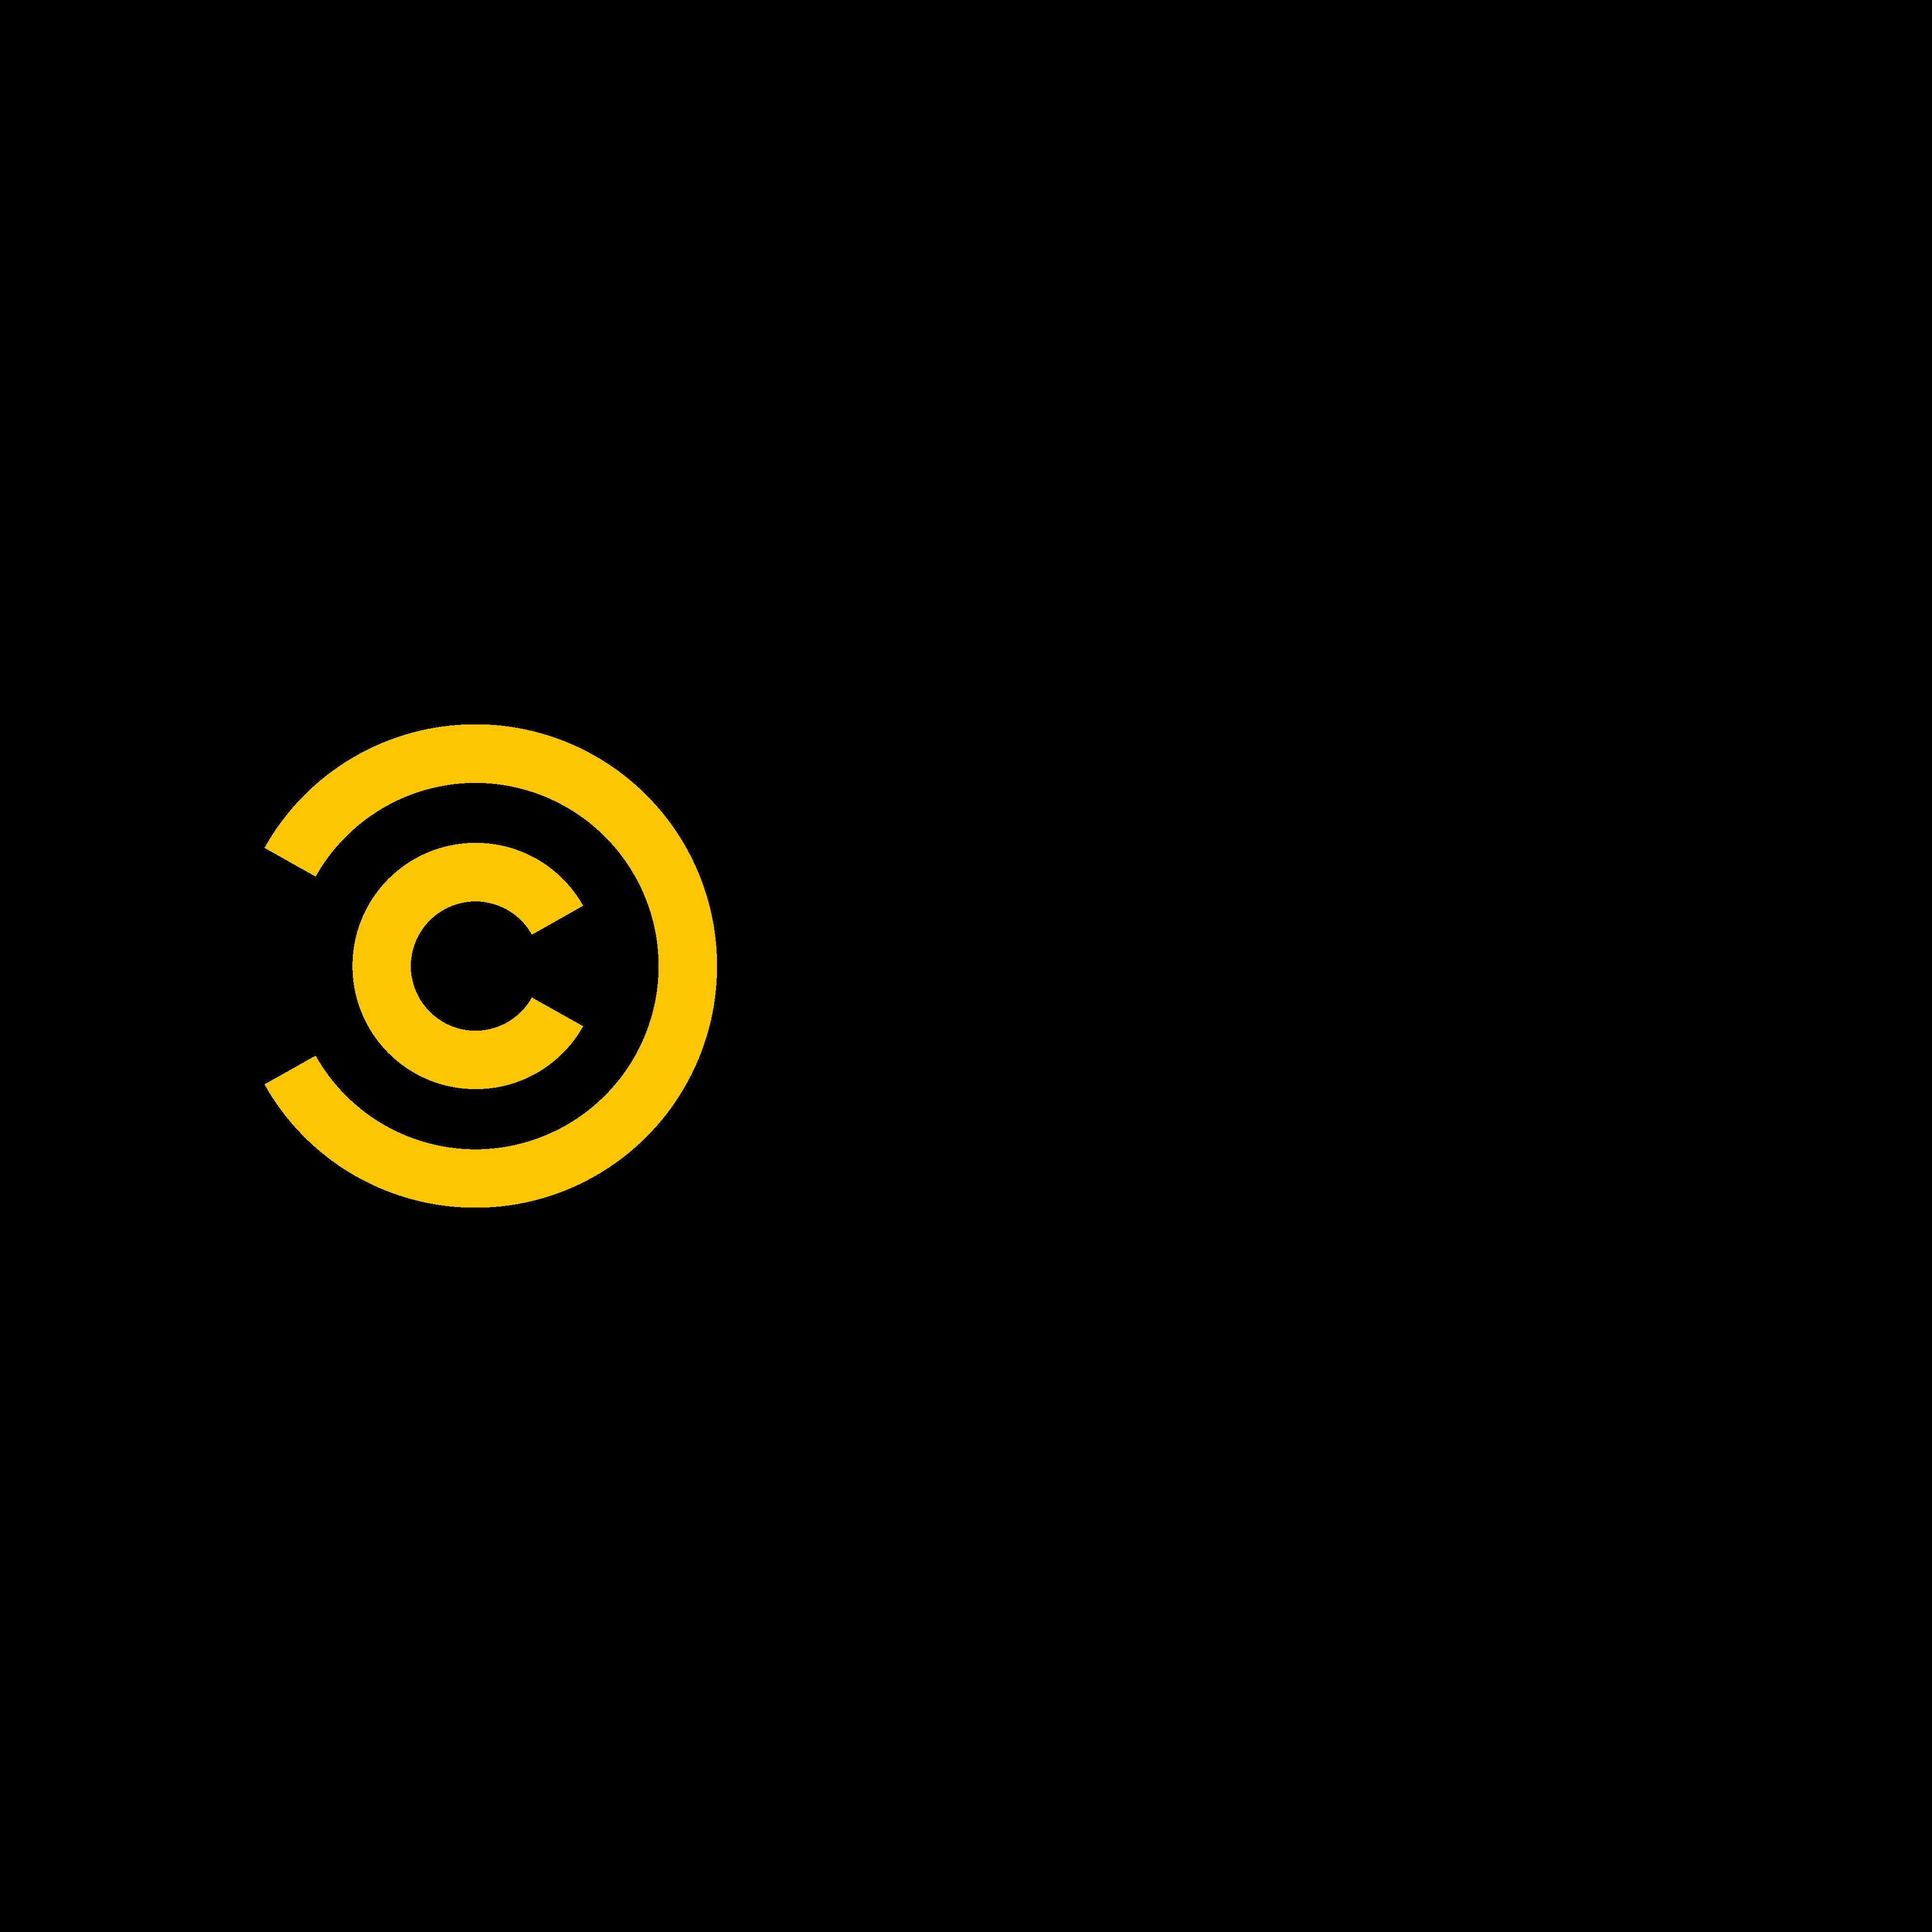 comedy central logo 0 - Comedy Central Logo